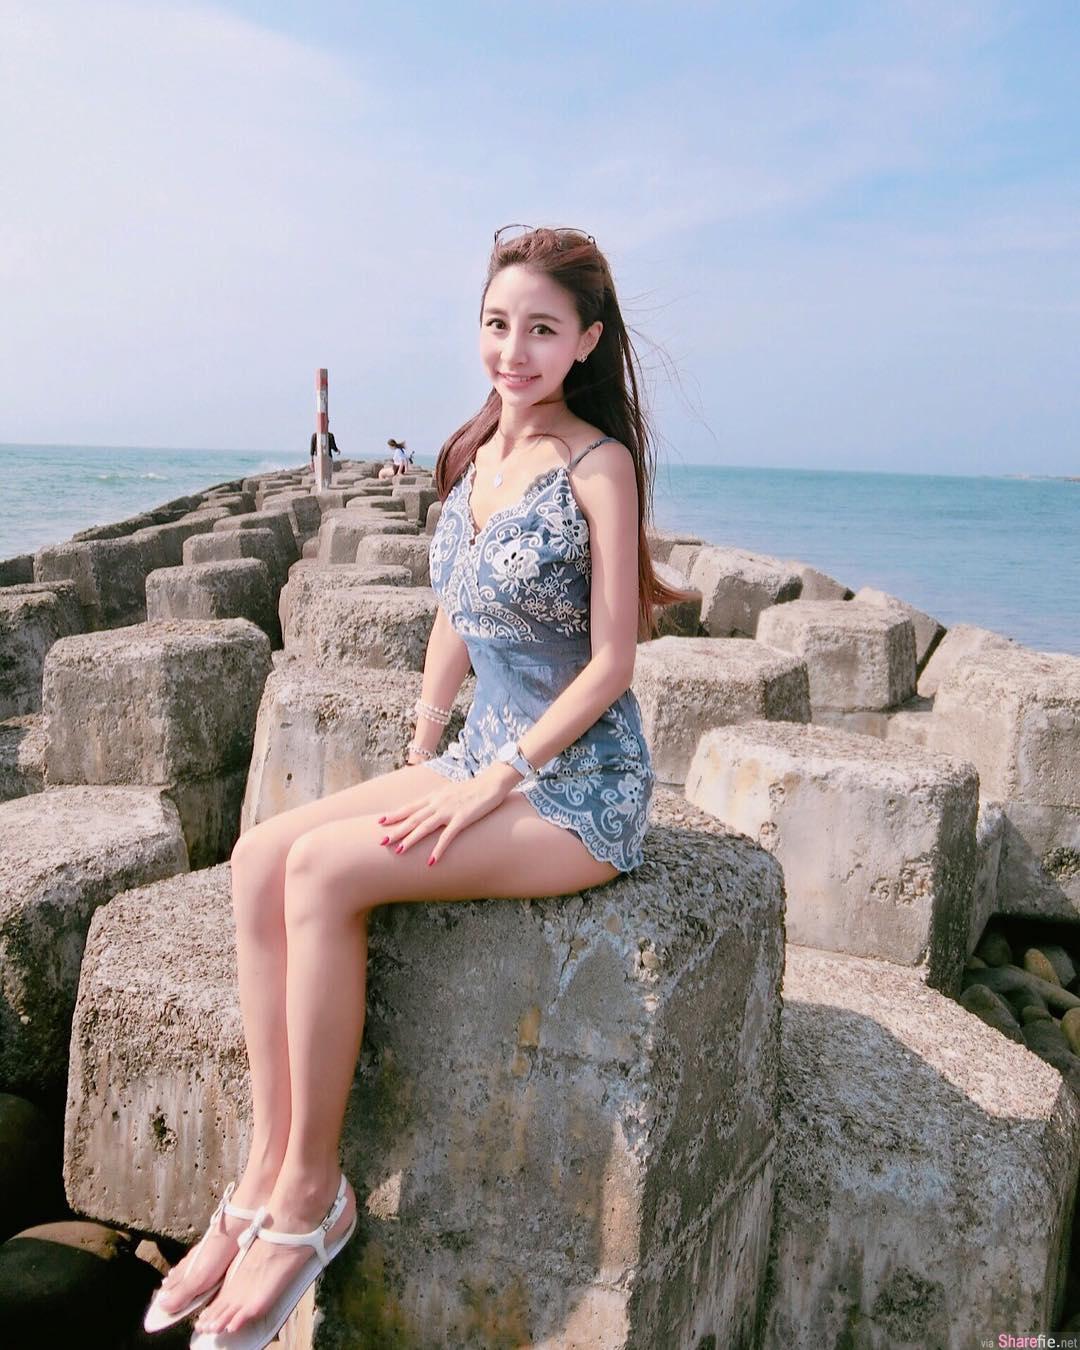 台湾正妹空姐瑞塔儿,网友:千年一遇的美女